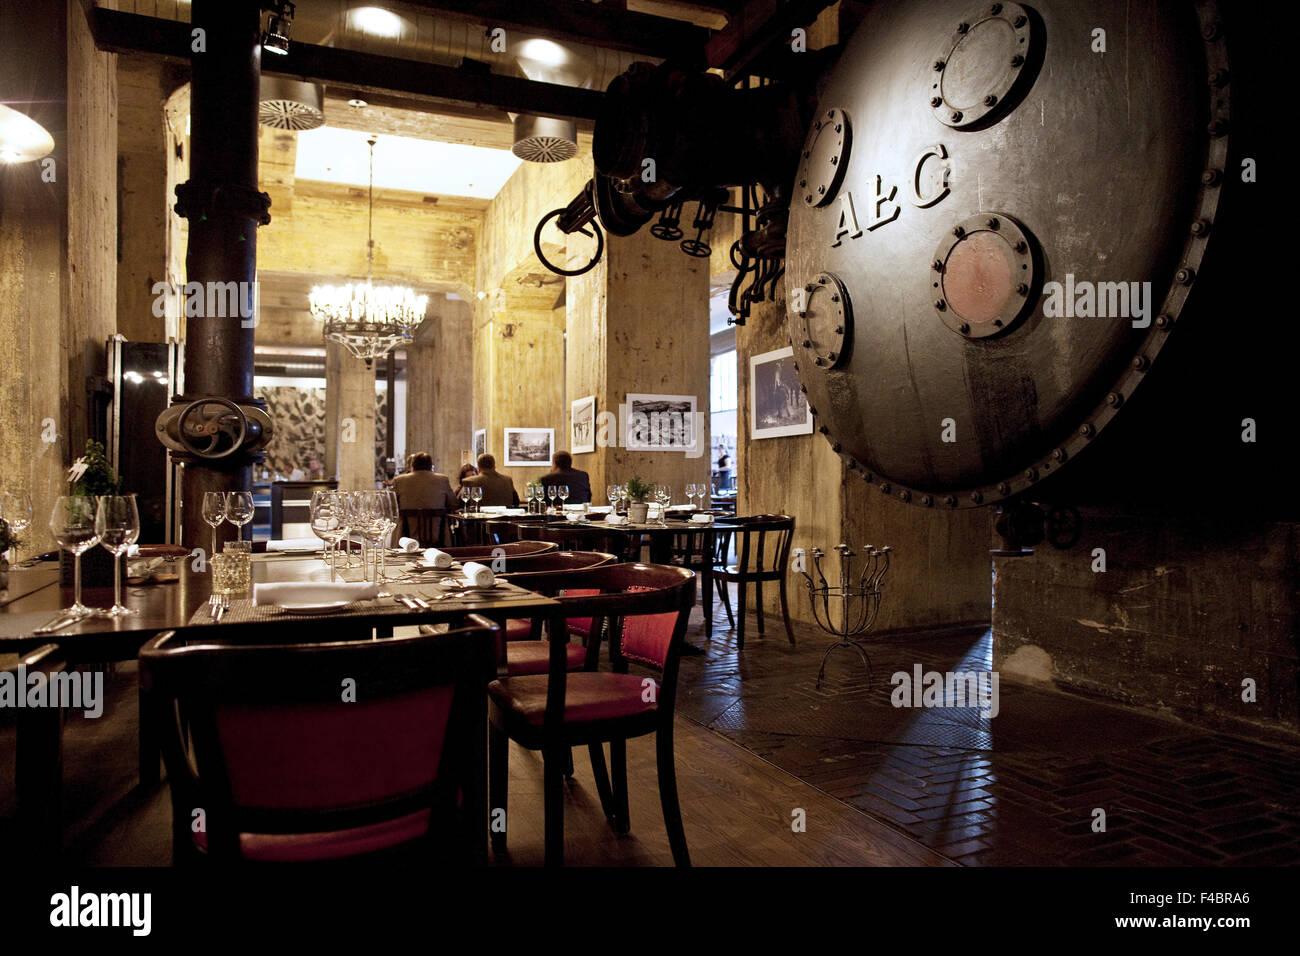 Zeche Zollverein Casino Lunch